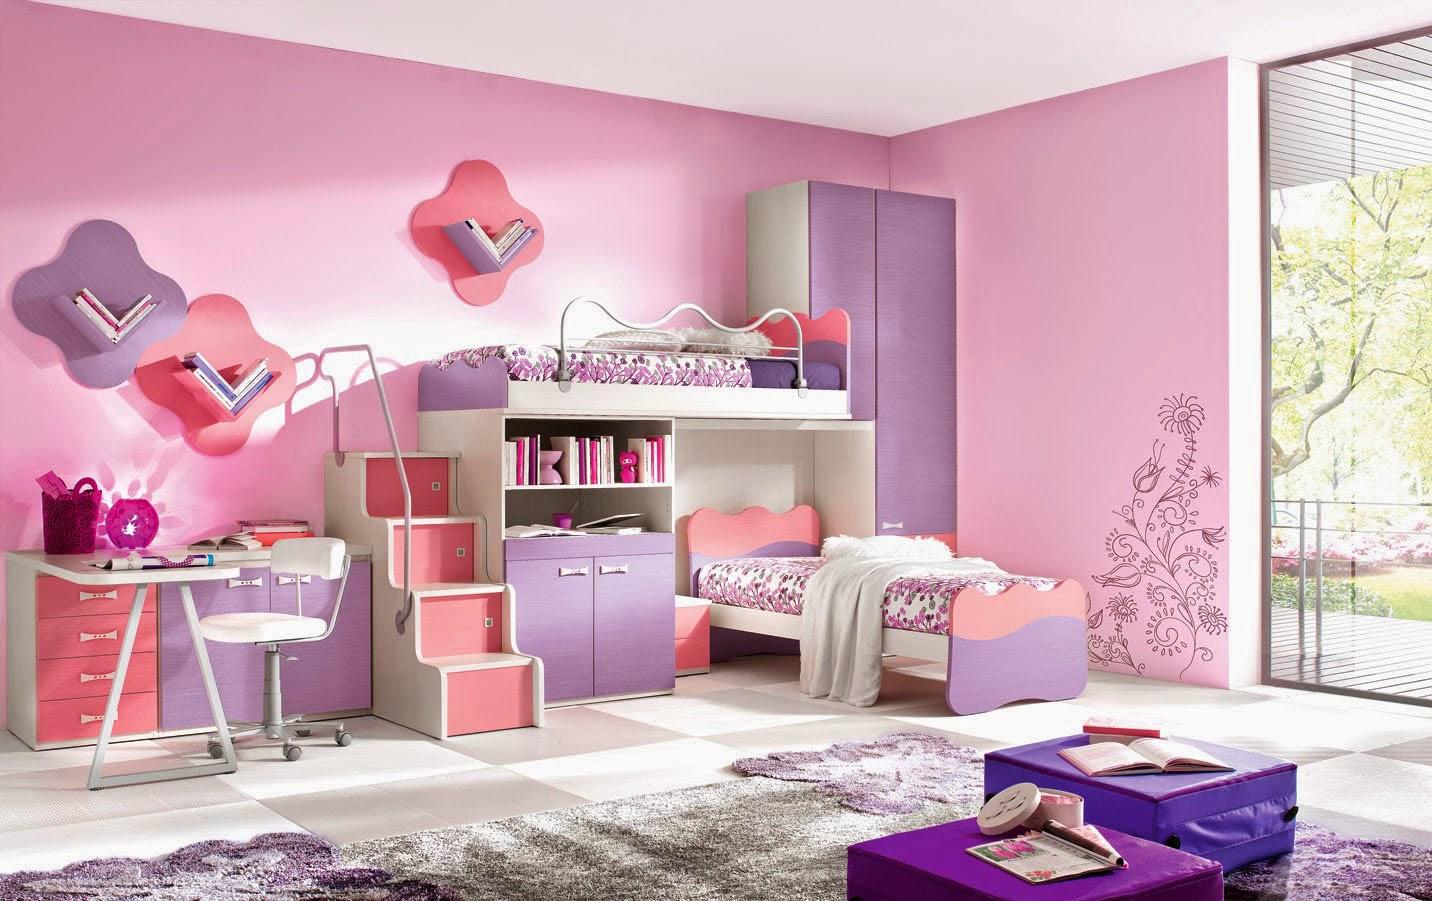 Rooms-Children-Bedroom-Minimalist